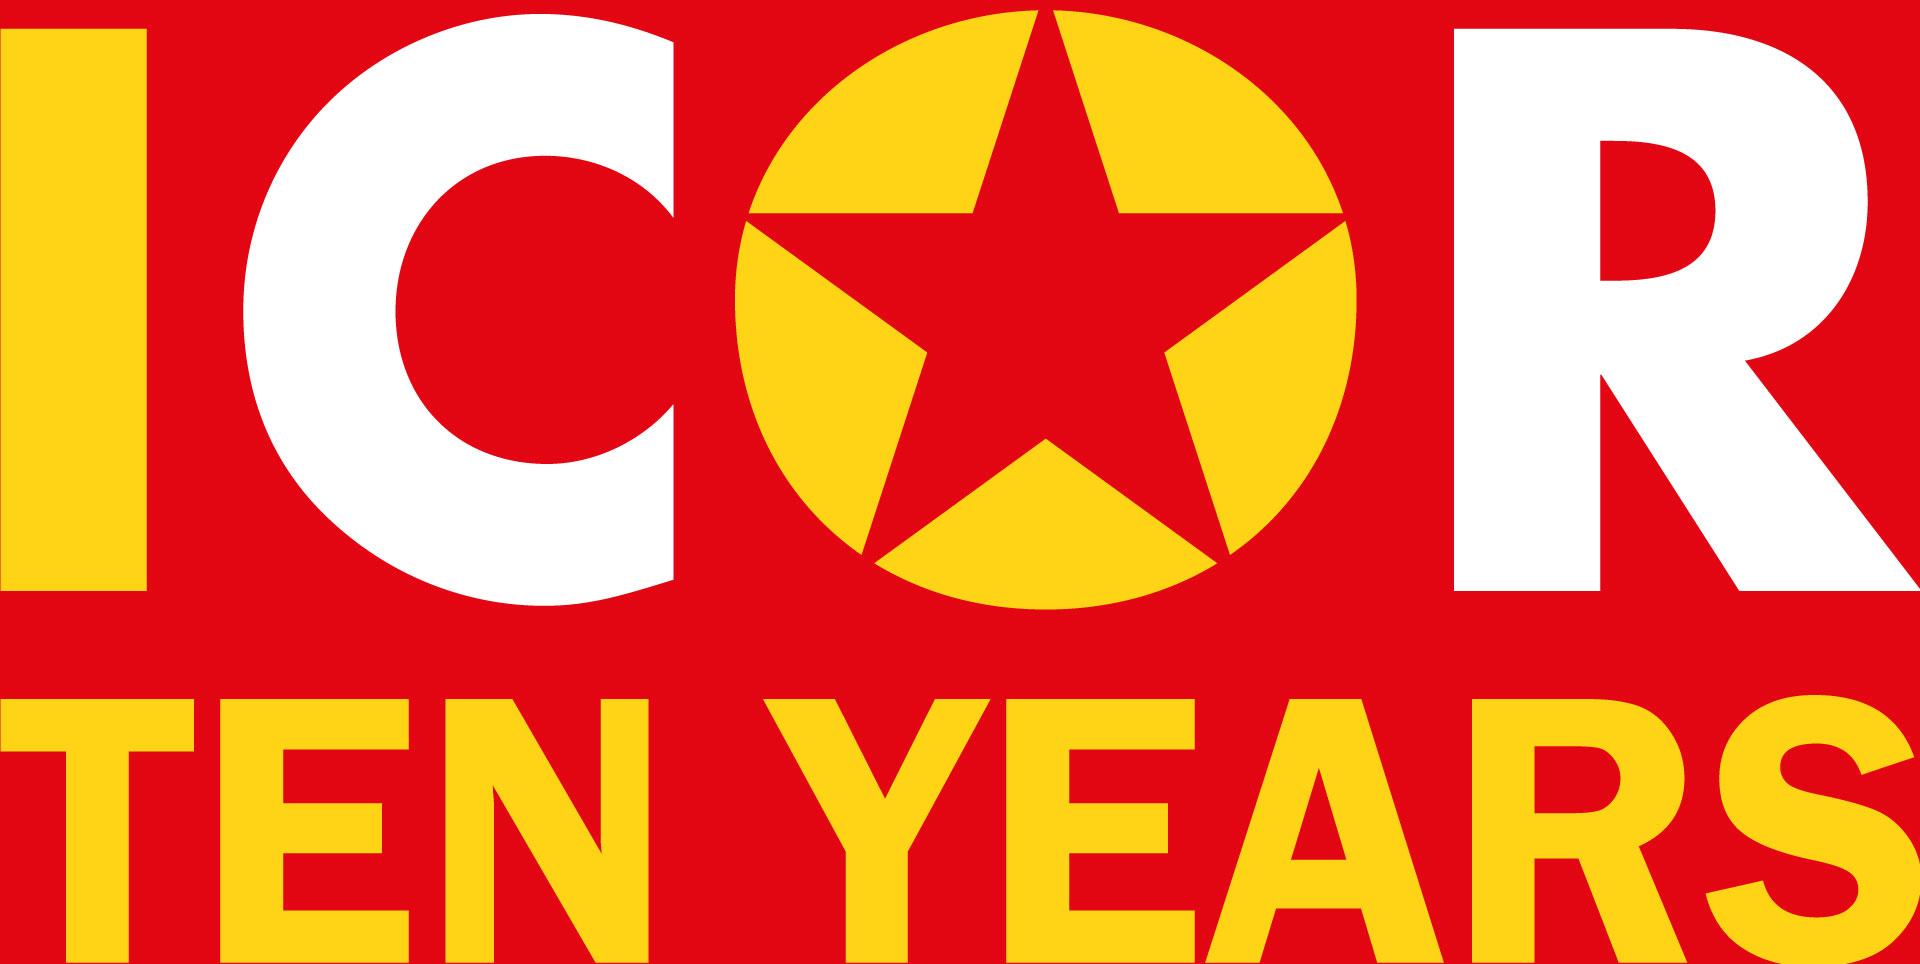 Im 10. Jahr der ICOR: Es lebe der vereinigte Kampf für Freiheit und Sozialismus!